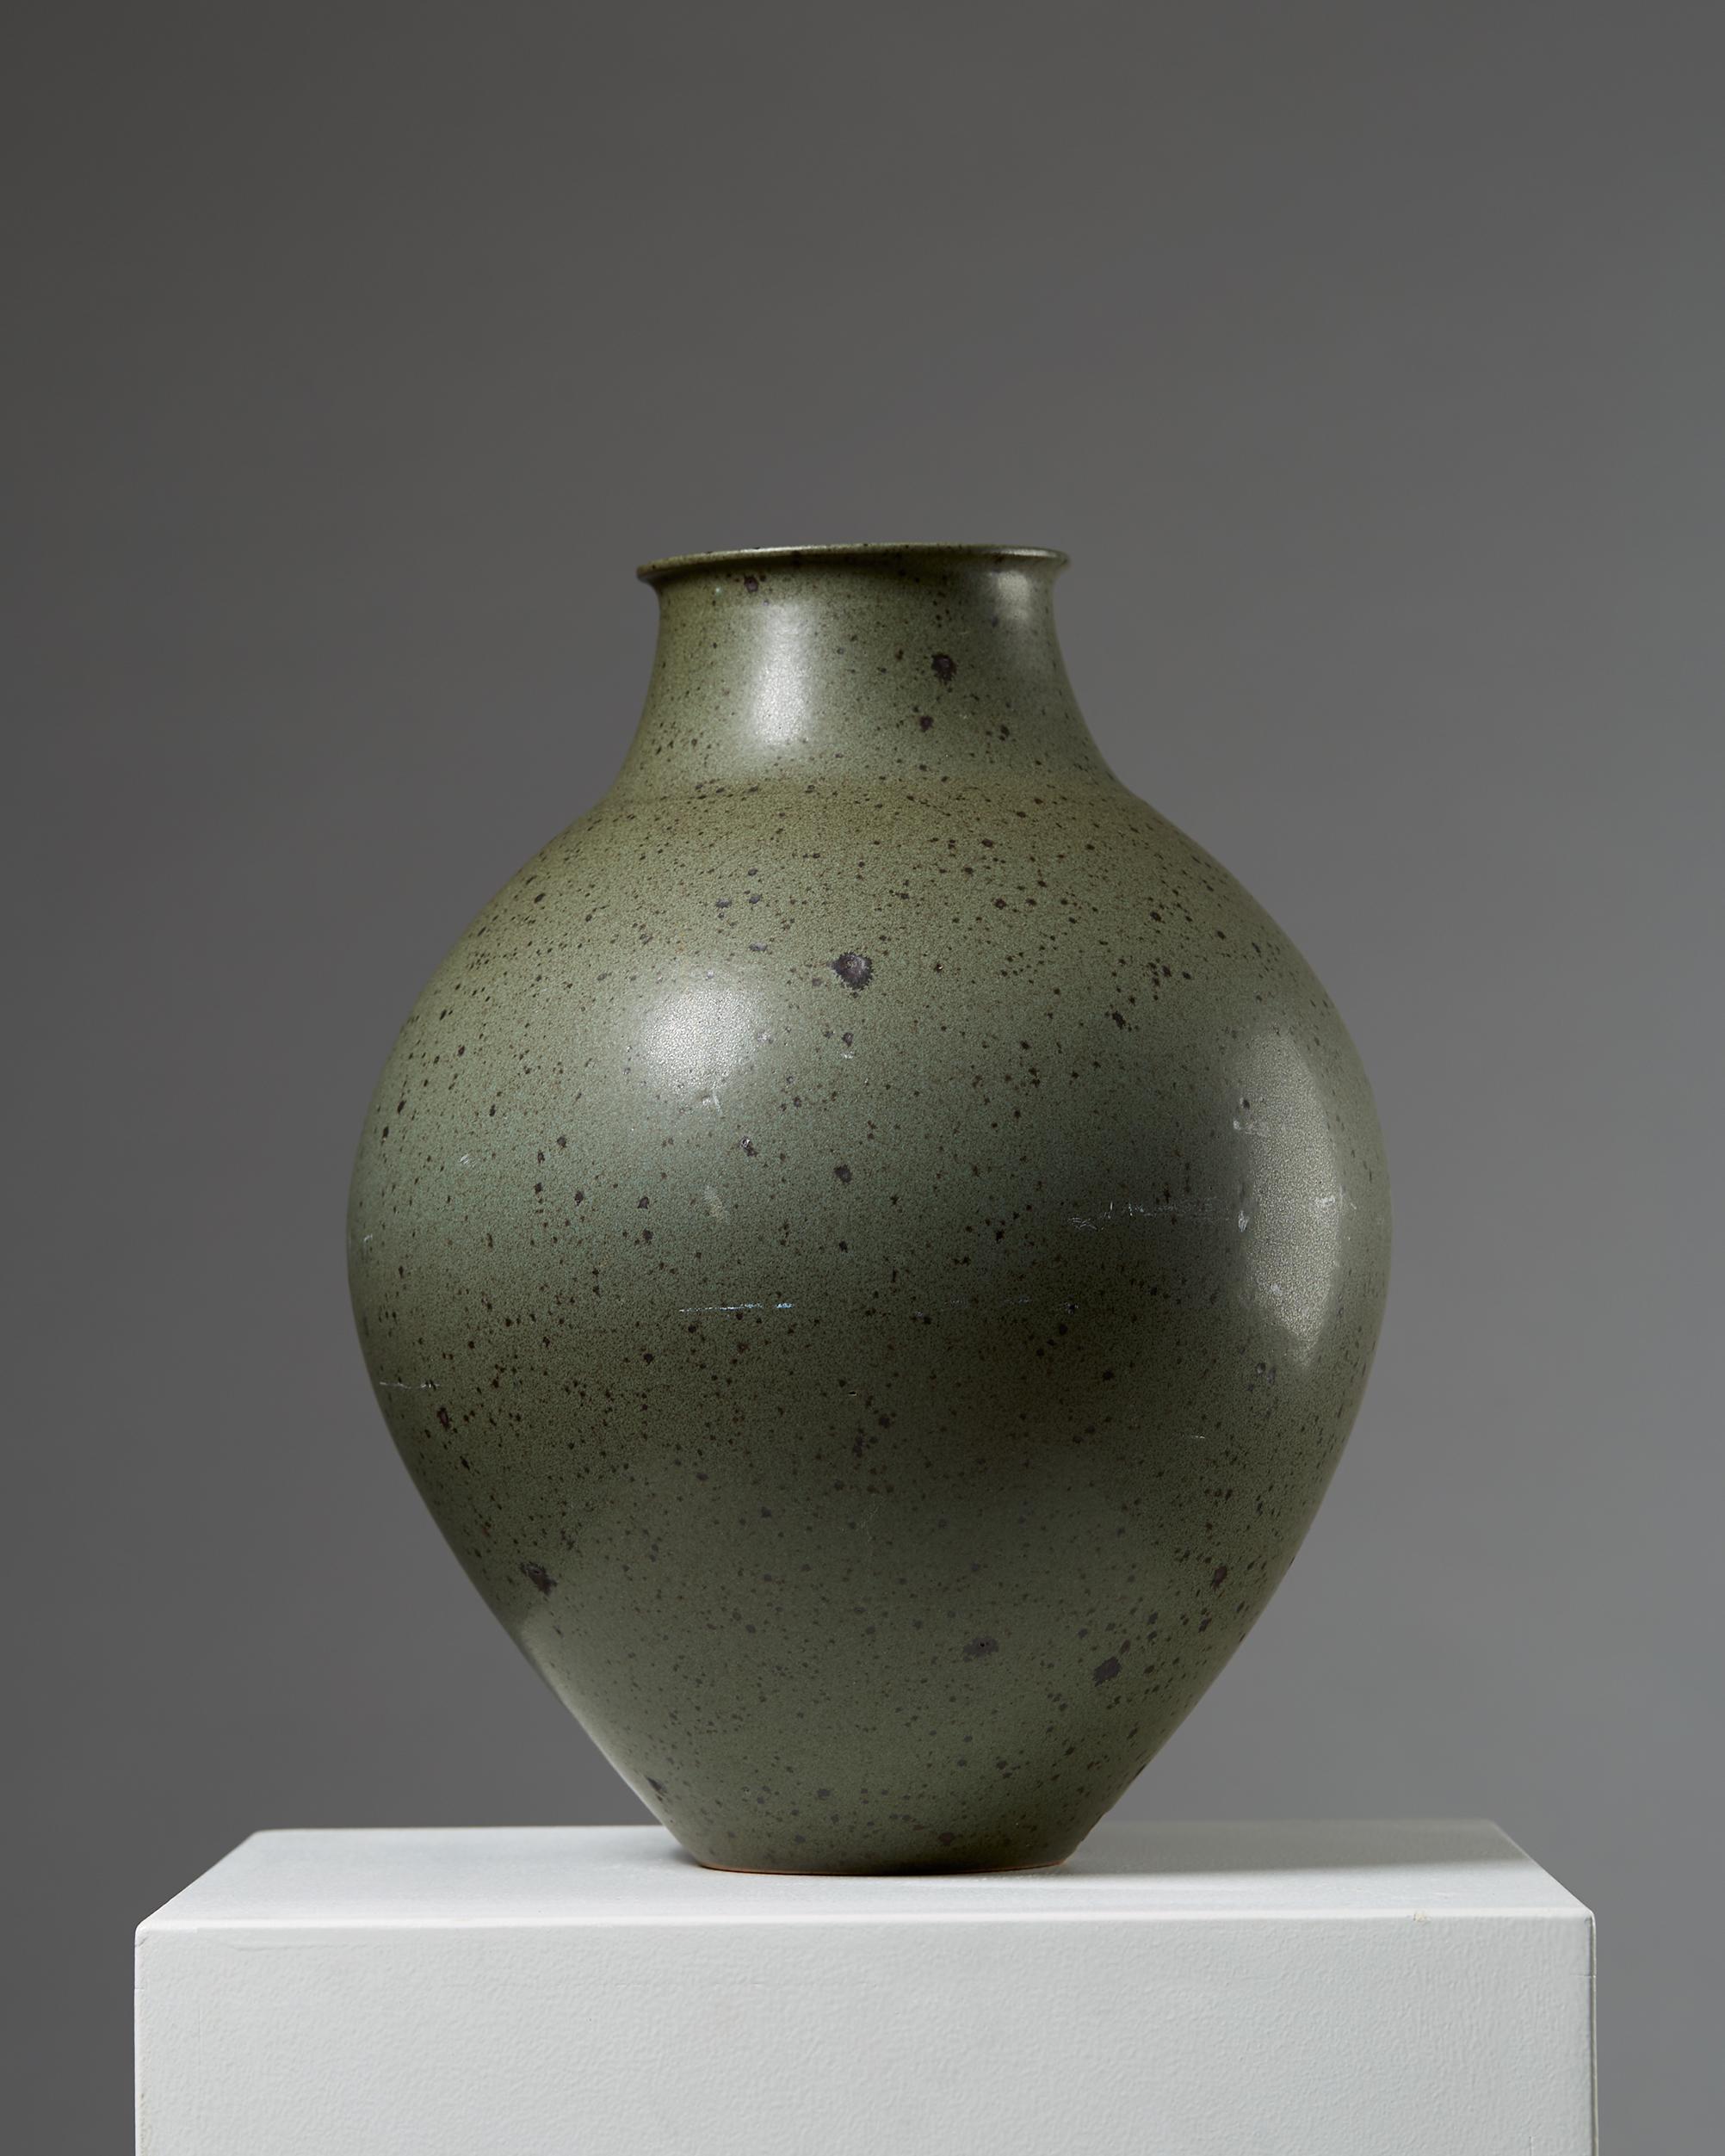 Robert Deblander  Ceramic vessel France, 1950's Stoneware. 37 x 30 cm